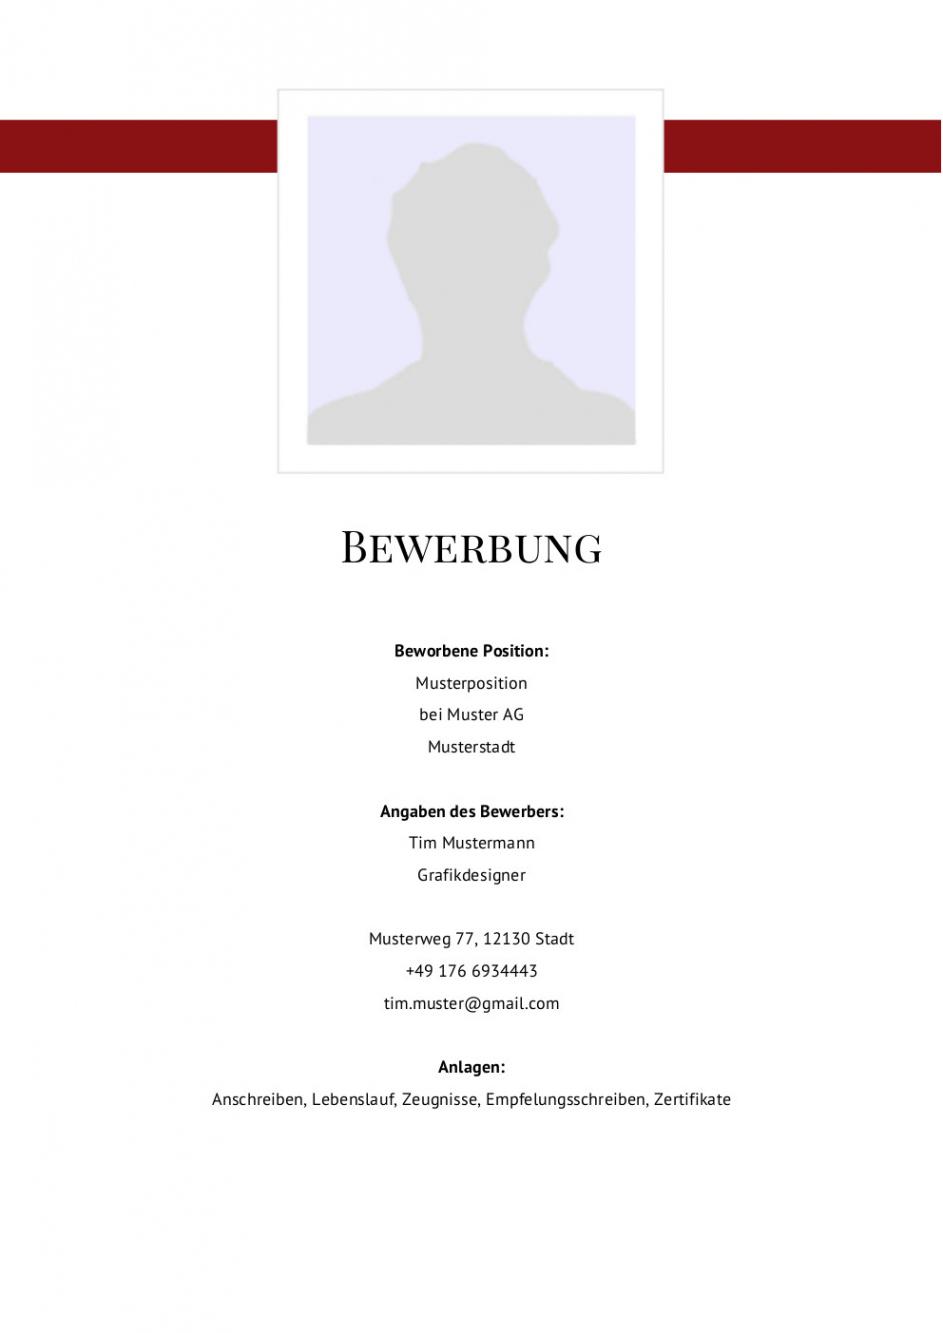 Eine Probe von  Deckblatt Bewerbung: Viele Muster & Vorlagen Für Die Bewerbung 2019 Vorlage Lebenslauf Titelblatt